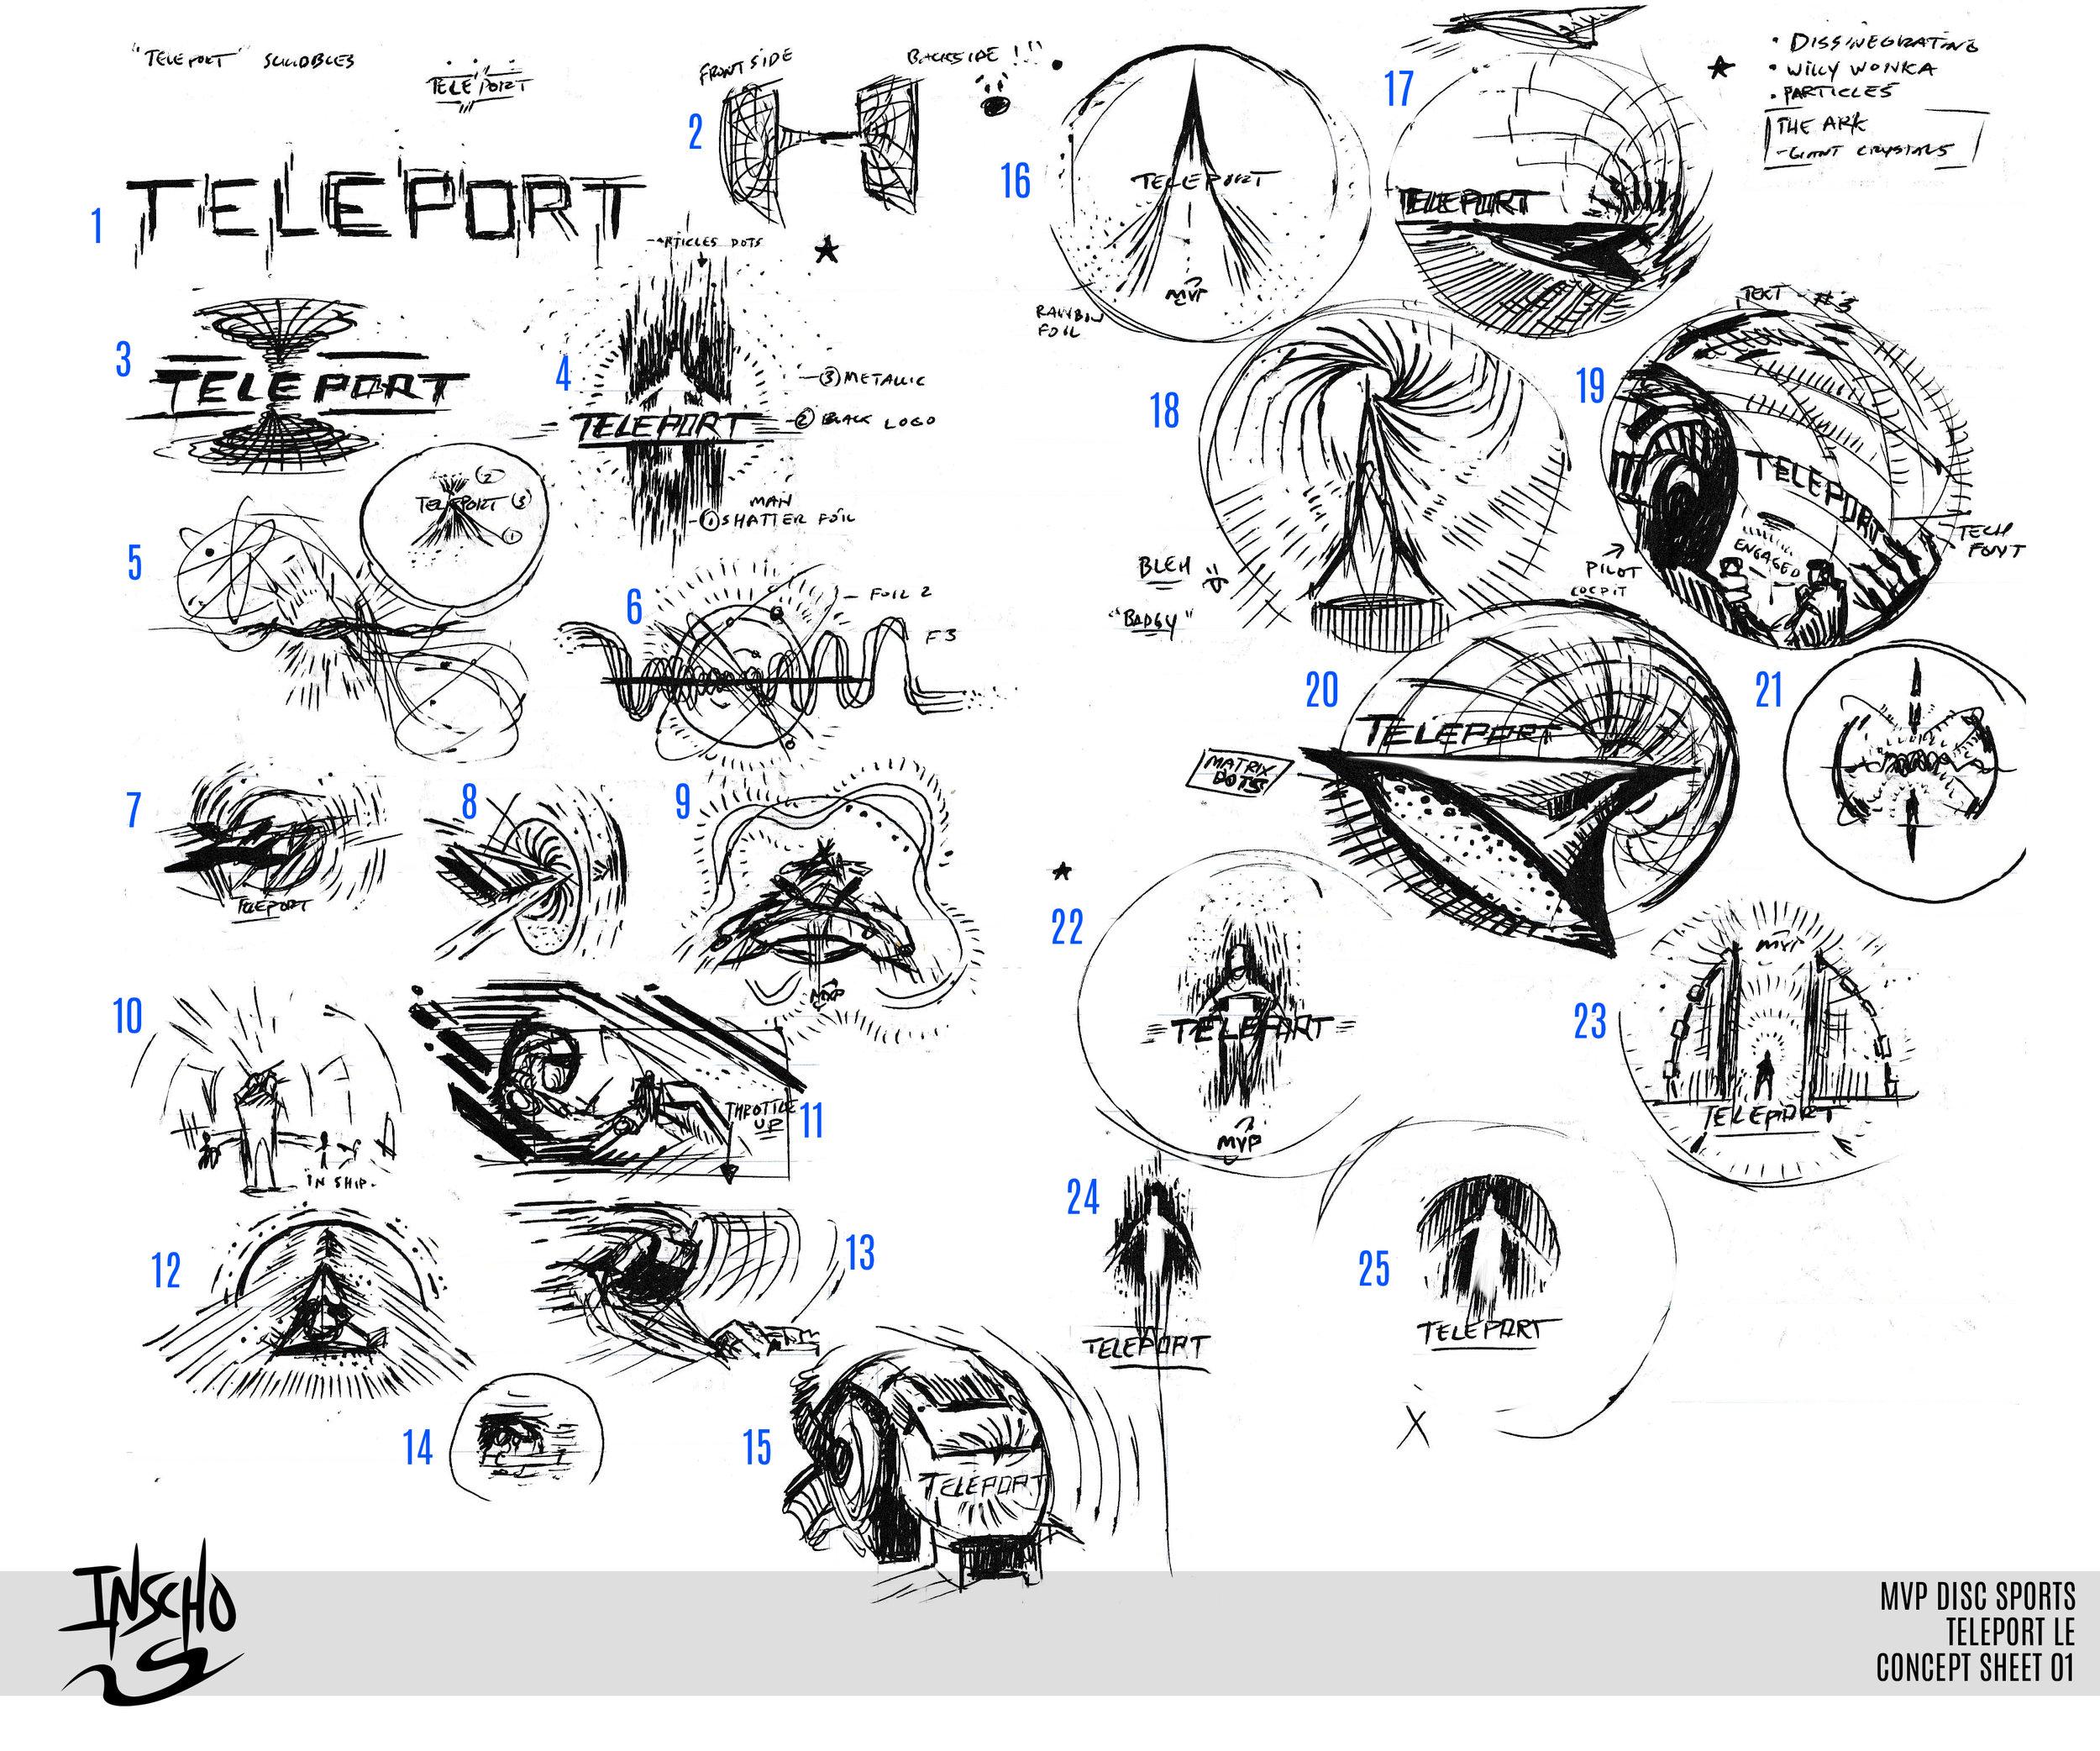 Teleport_Thumbnails001.jpg